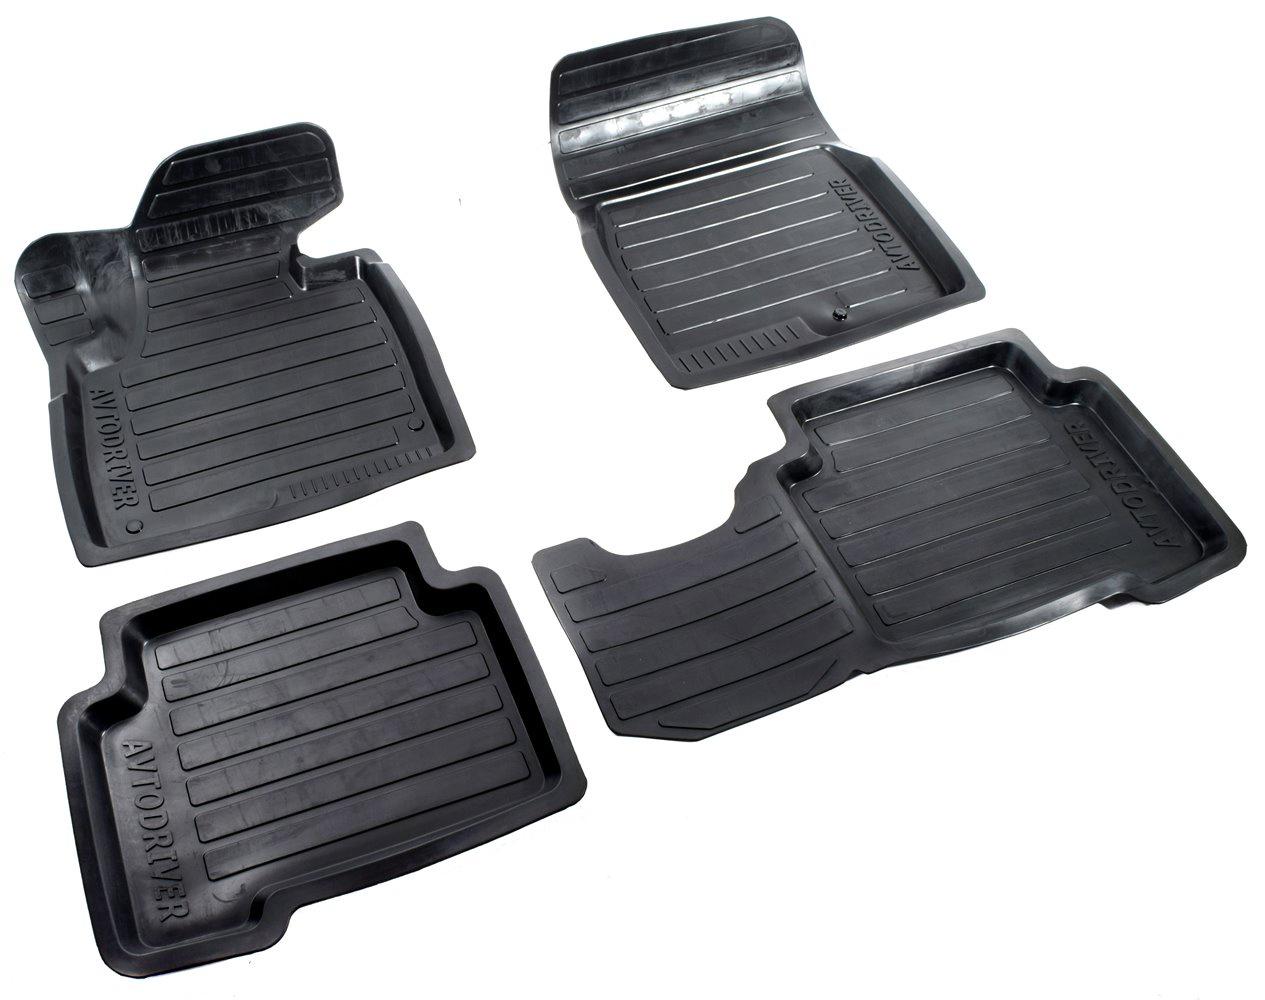 Коврики в салон автомобиля Avtodriver, для Hyundai Santa Fe, 2013-, 2015-2018, ADRAVG150, резиновые, с бортиком, черный santa fe junior